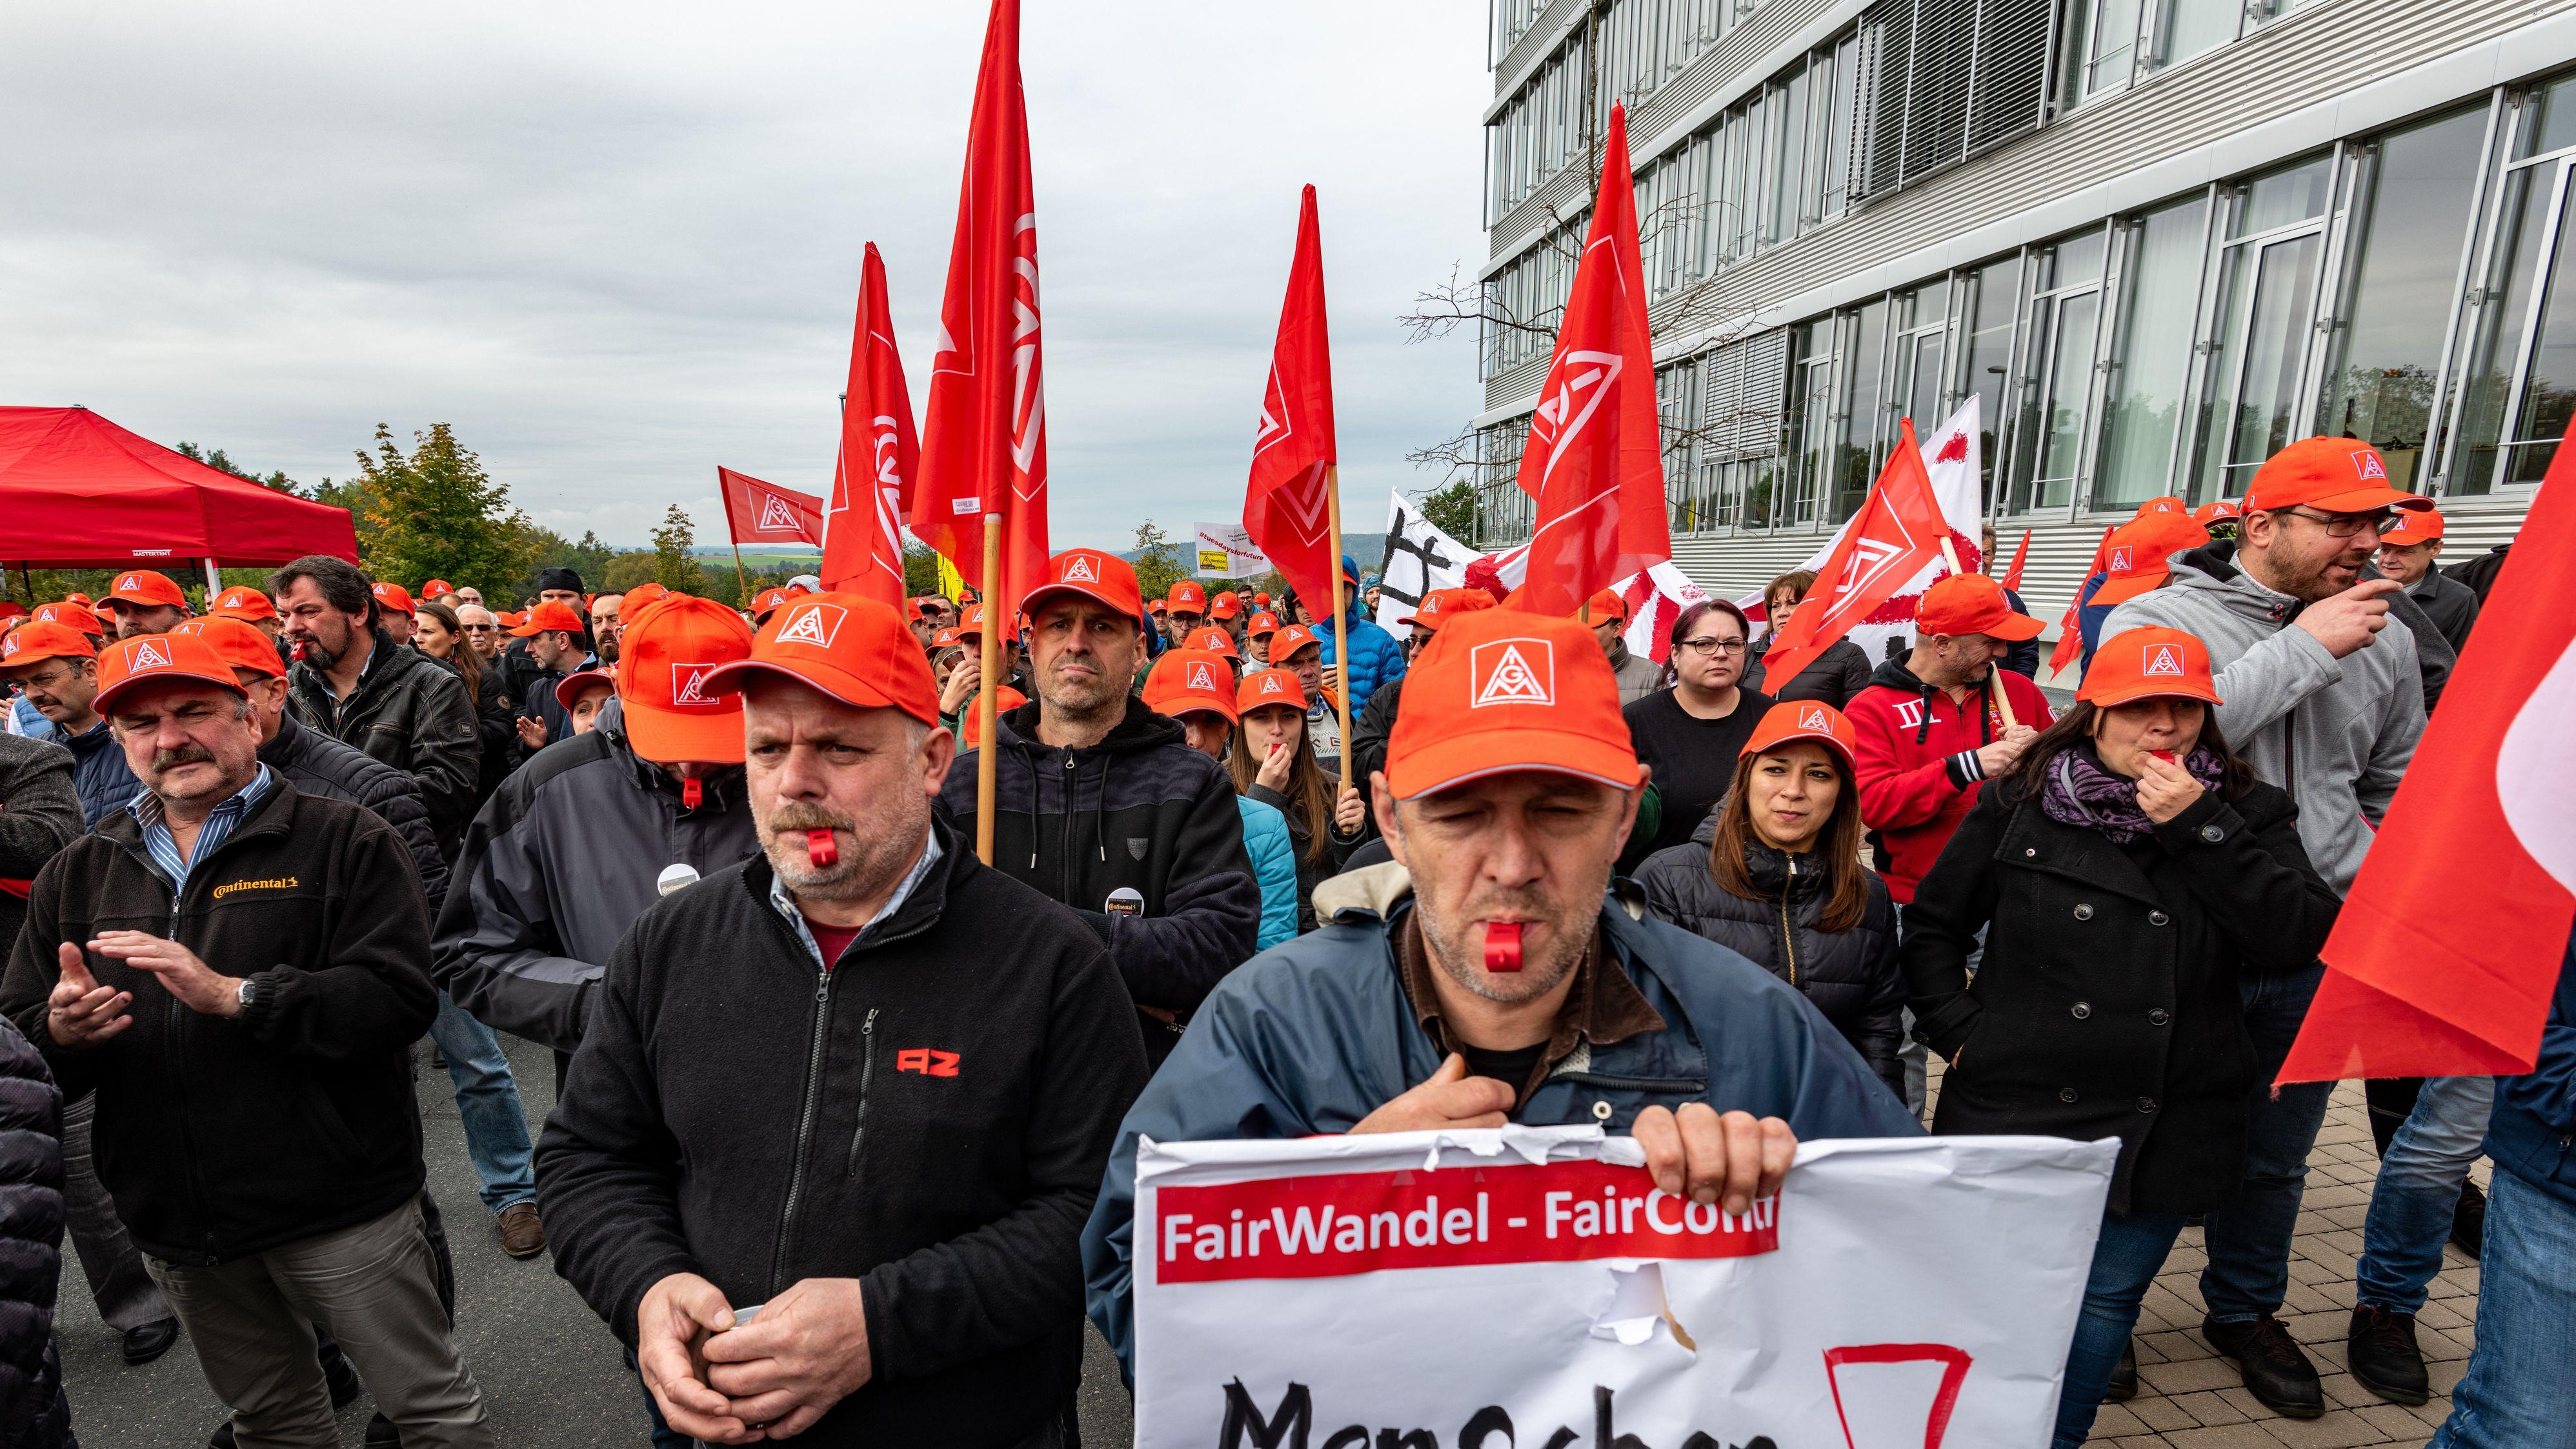 Conti-Mitarbeiter bei einer Demo im Oktober. Continental will das Werk in Roding aufgrund der Schwäche der Automobilindustrie 2024 schließen.